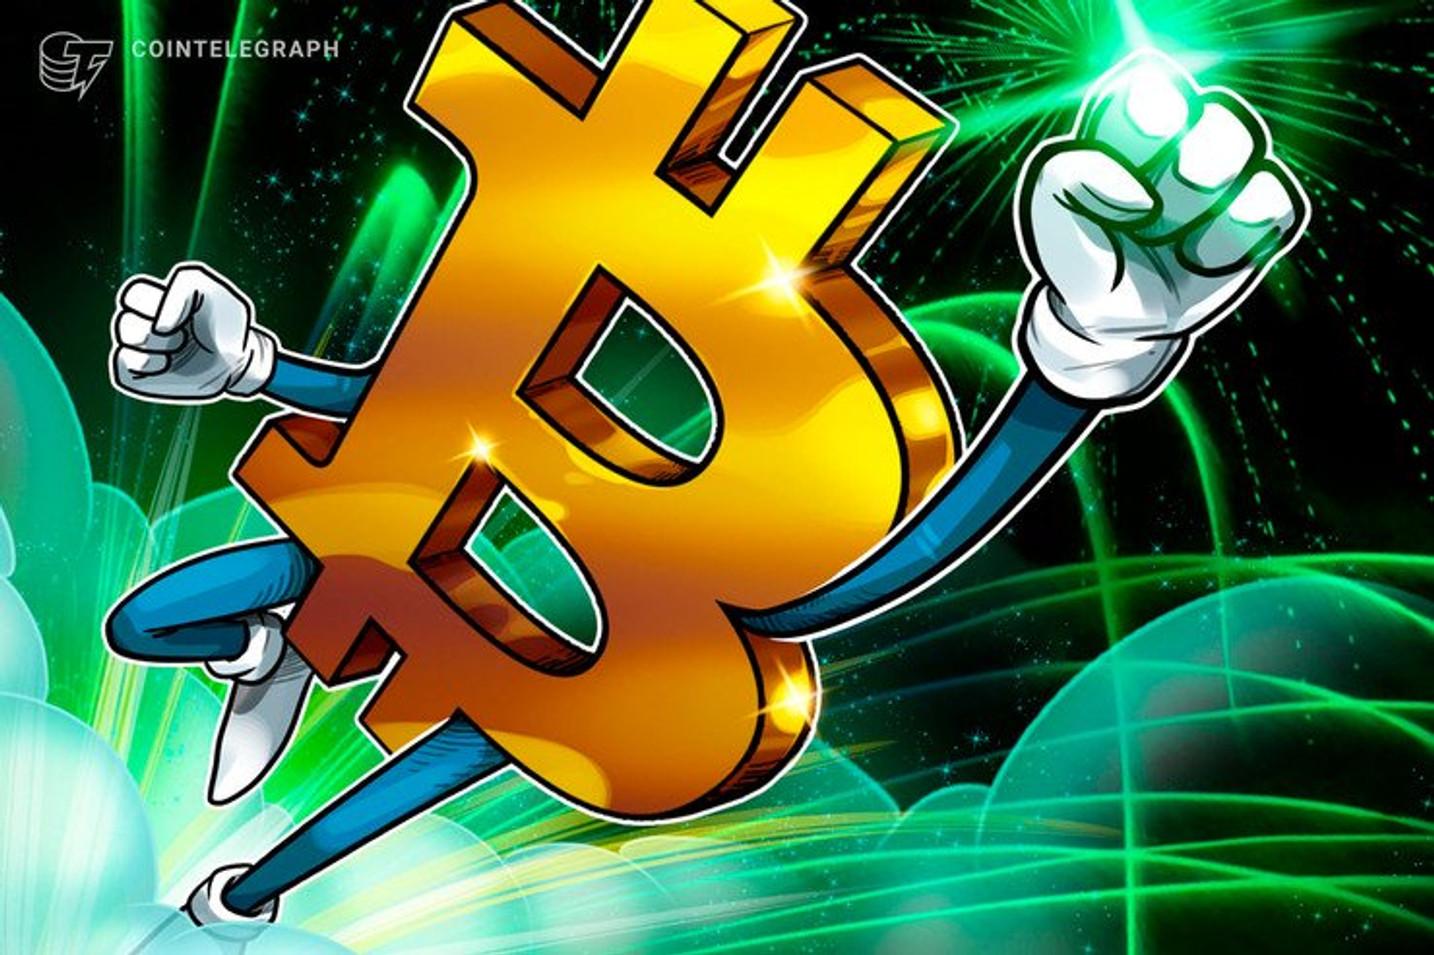 7000ドル突破の仮想通貨ビットコイン、次のターゲットは7200ドル